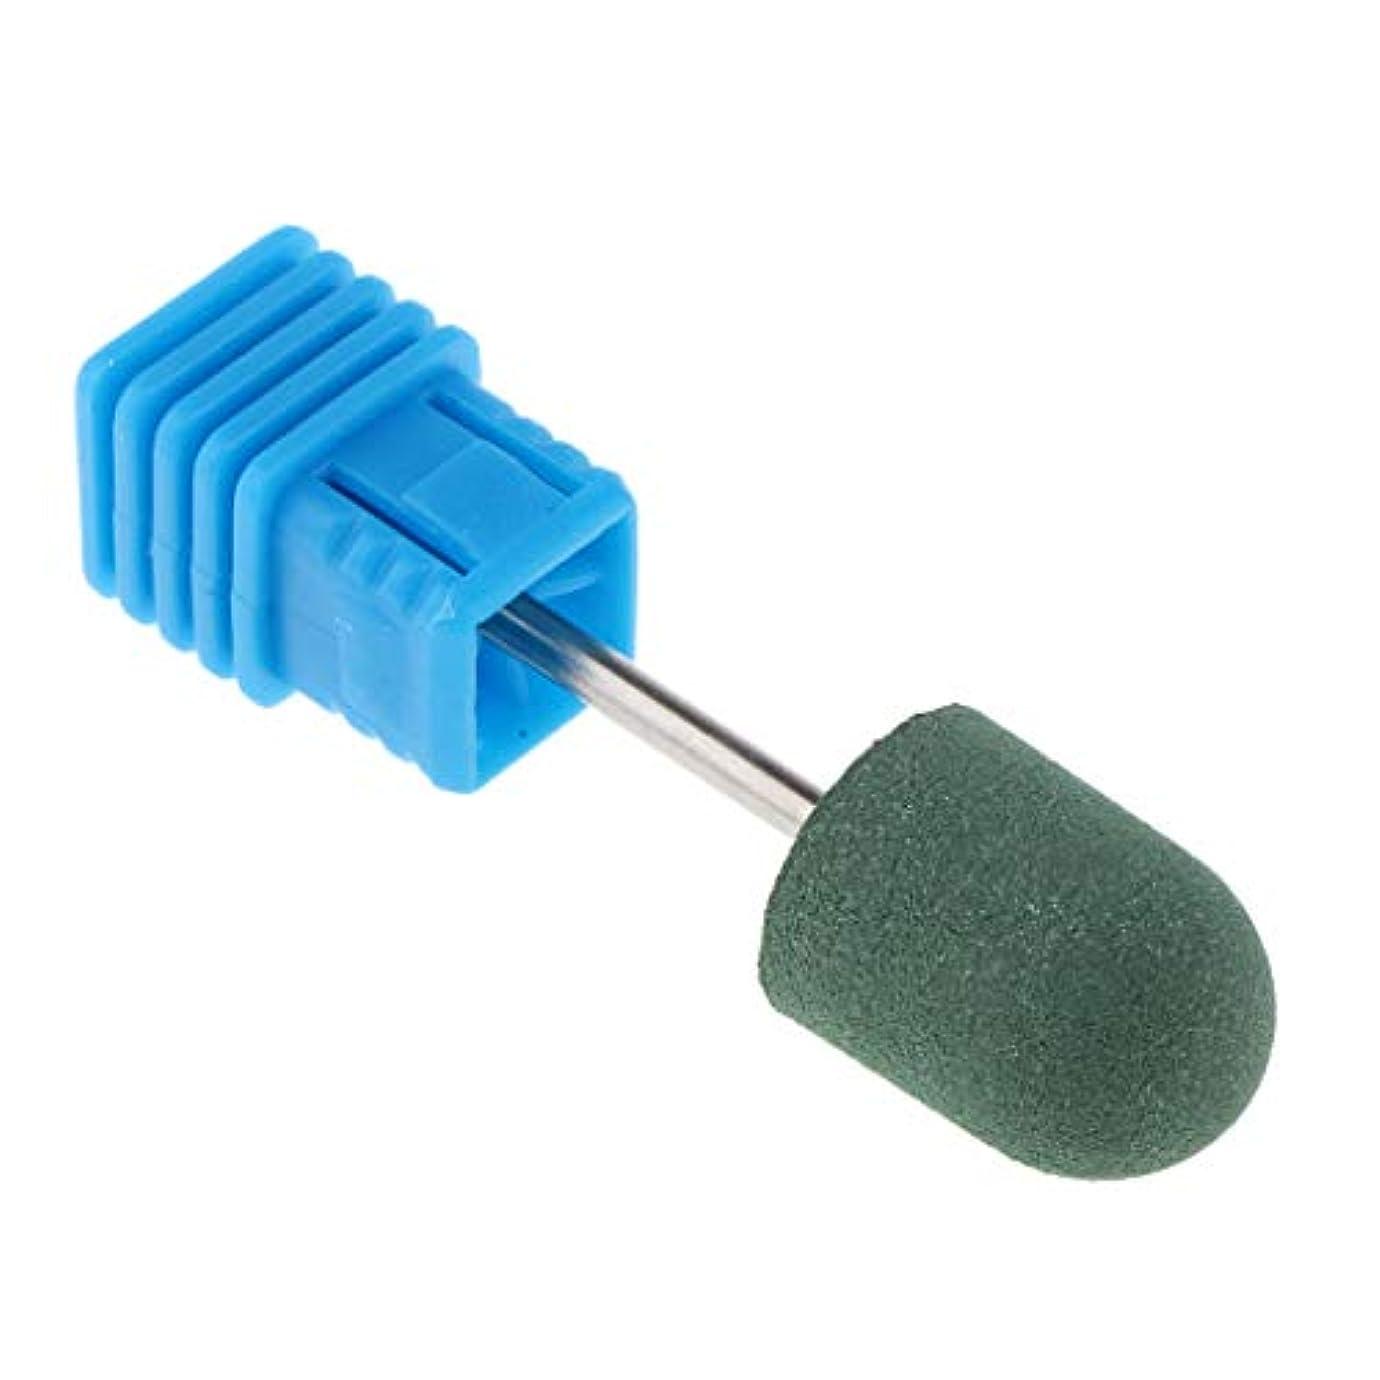 傾く平らな緊張するgazechimp 3サイズ選択 電動ネイルアートビット ドリルビット 研磨研削バフ ヘッド - 04